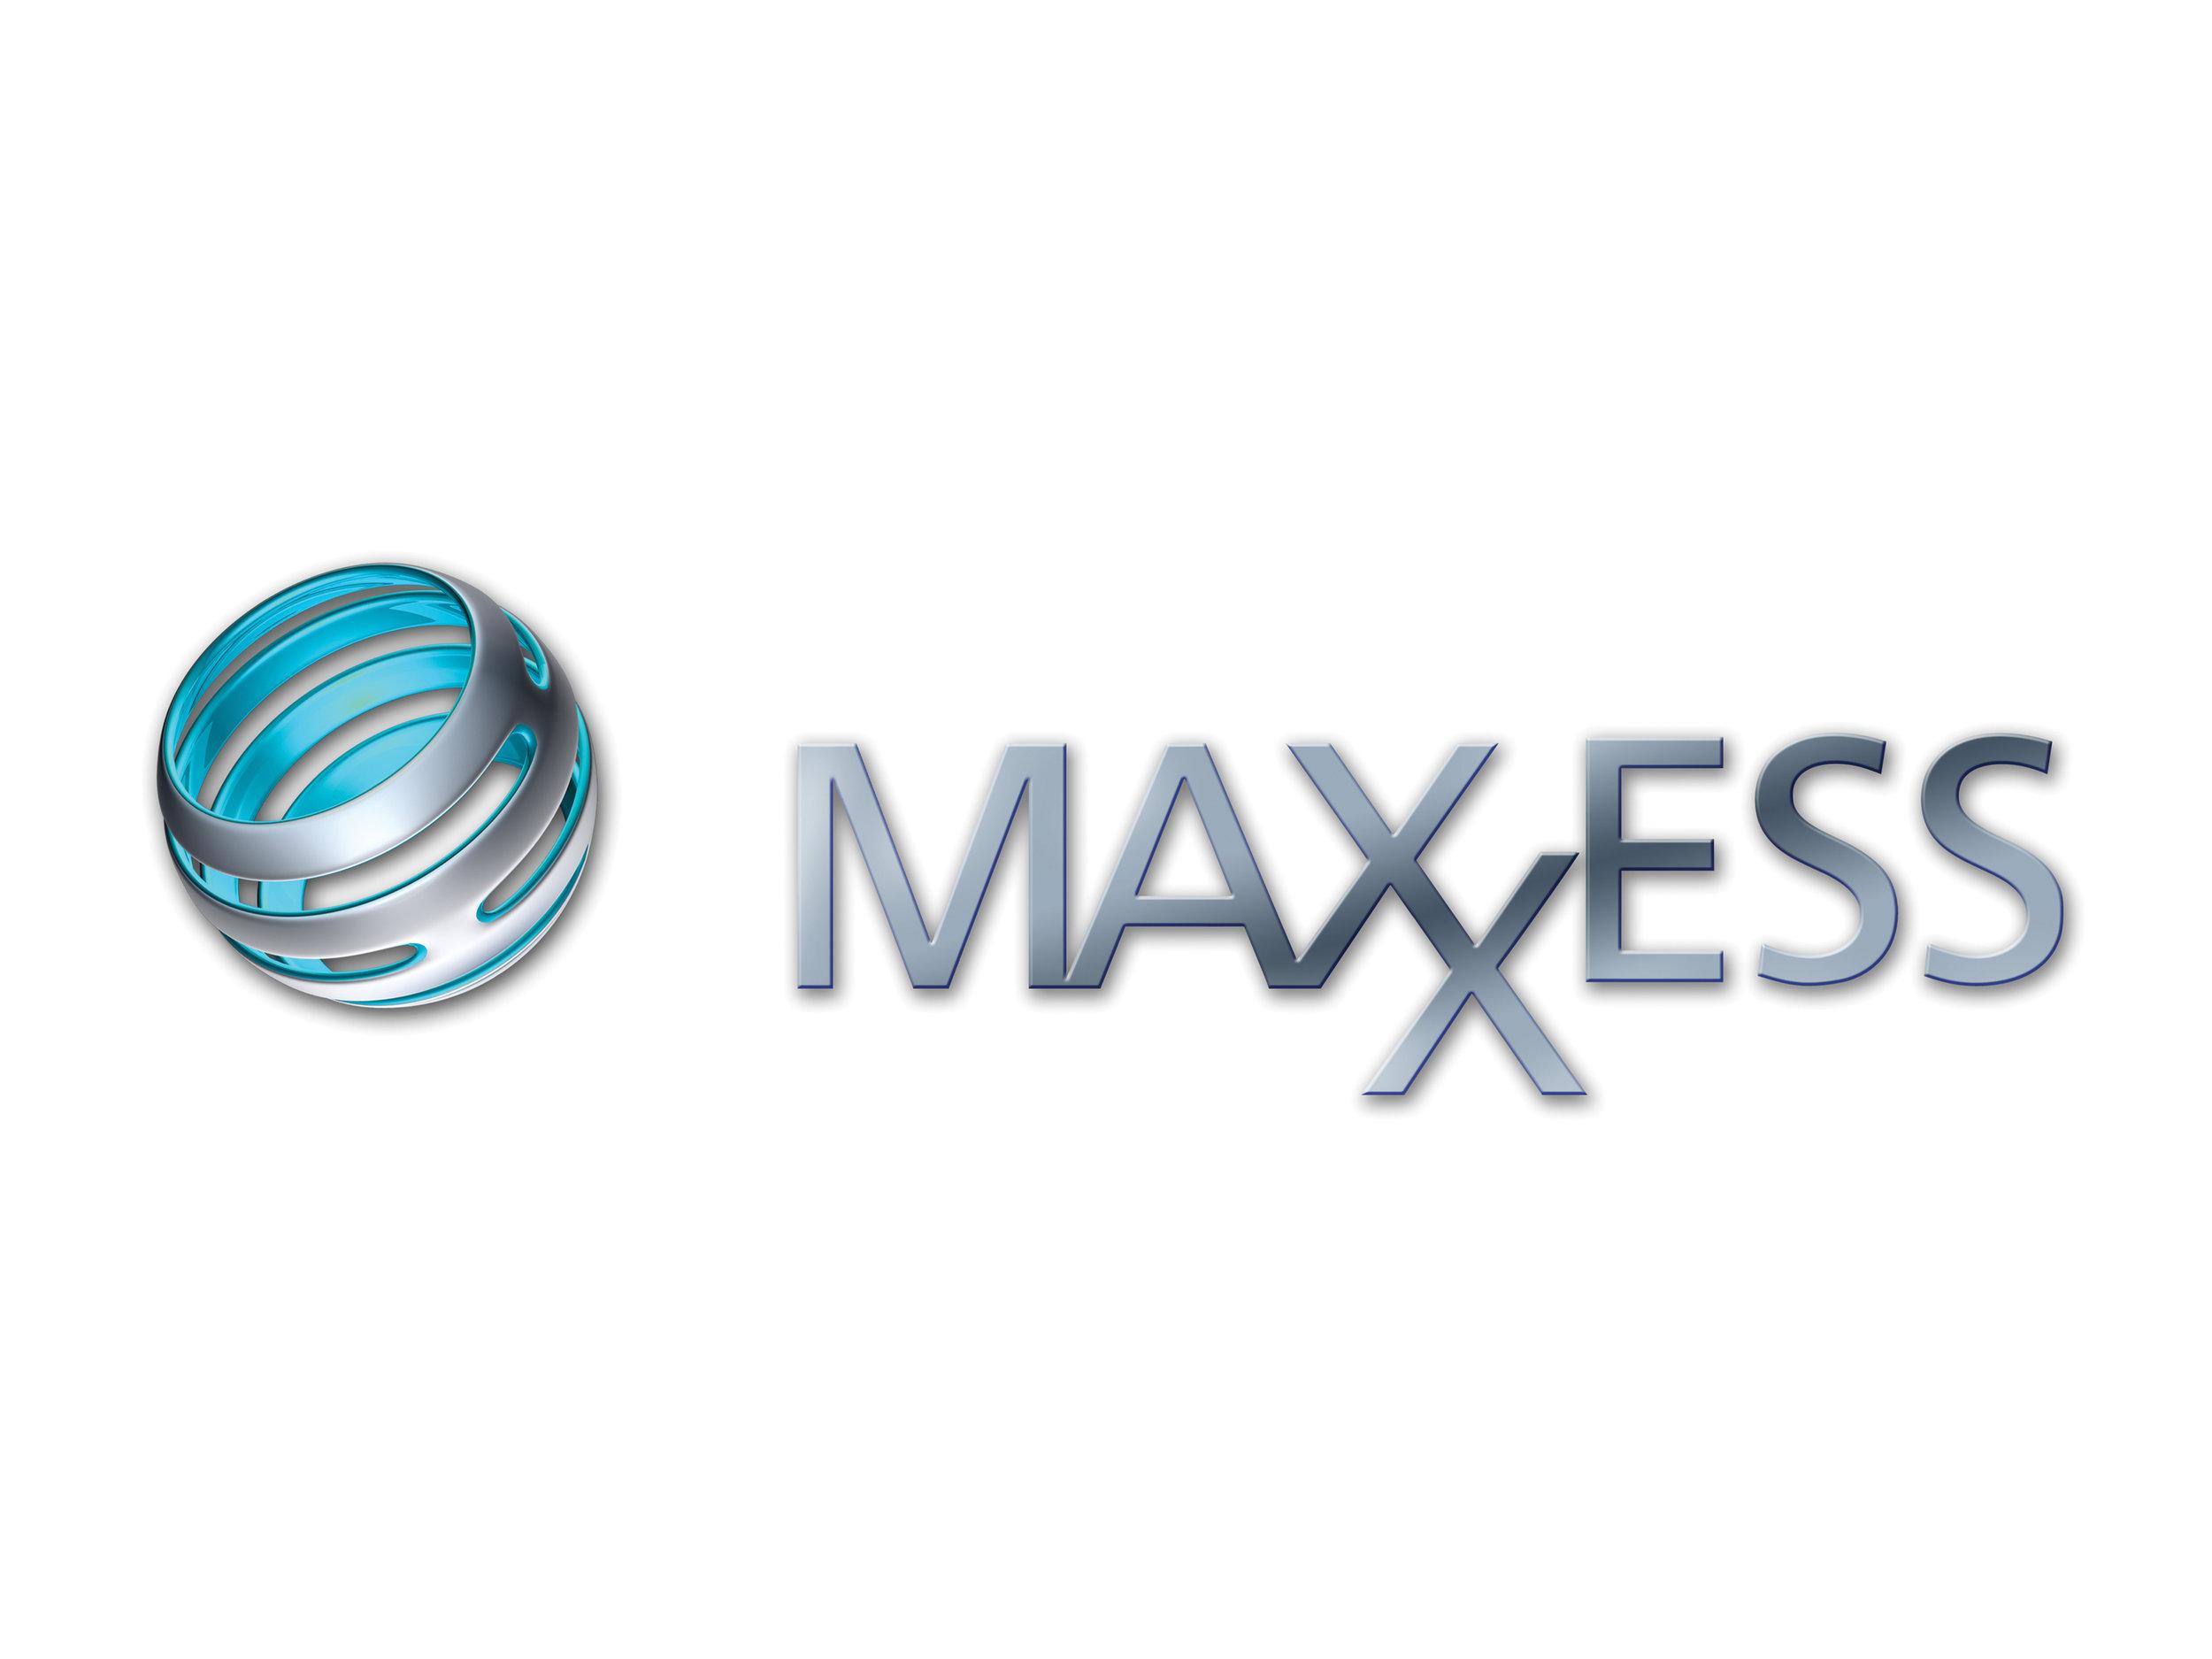 Maxxess - SX 2011.jpg